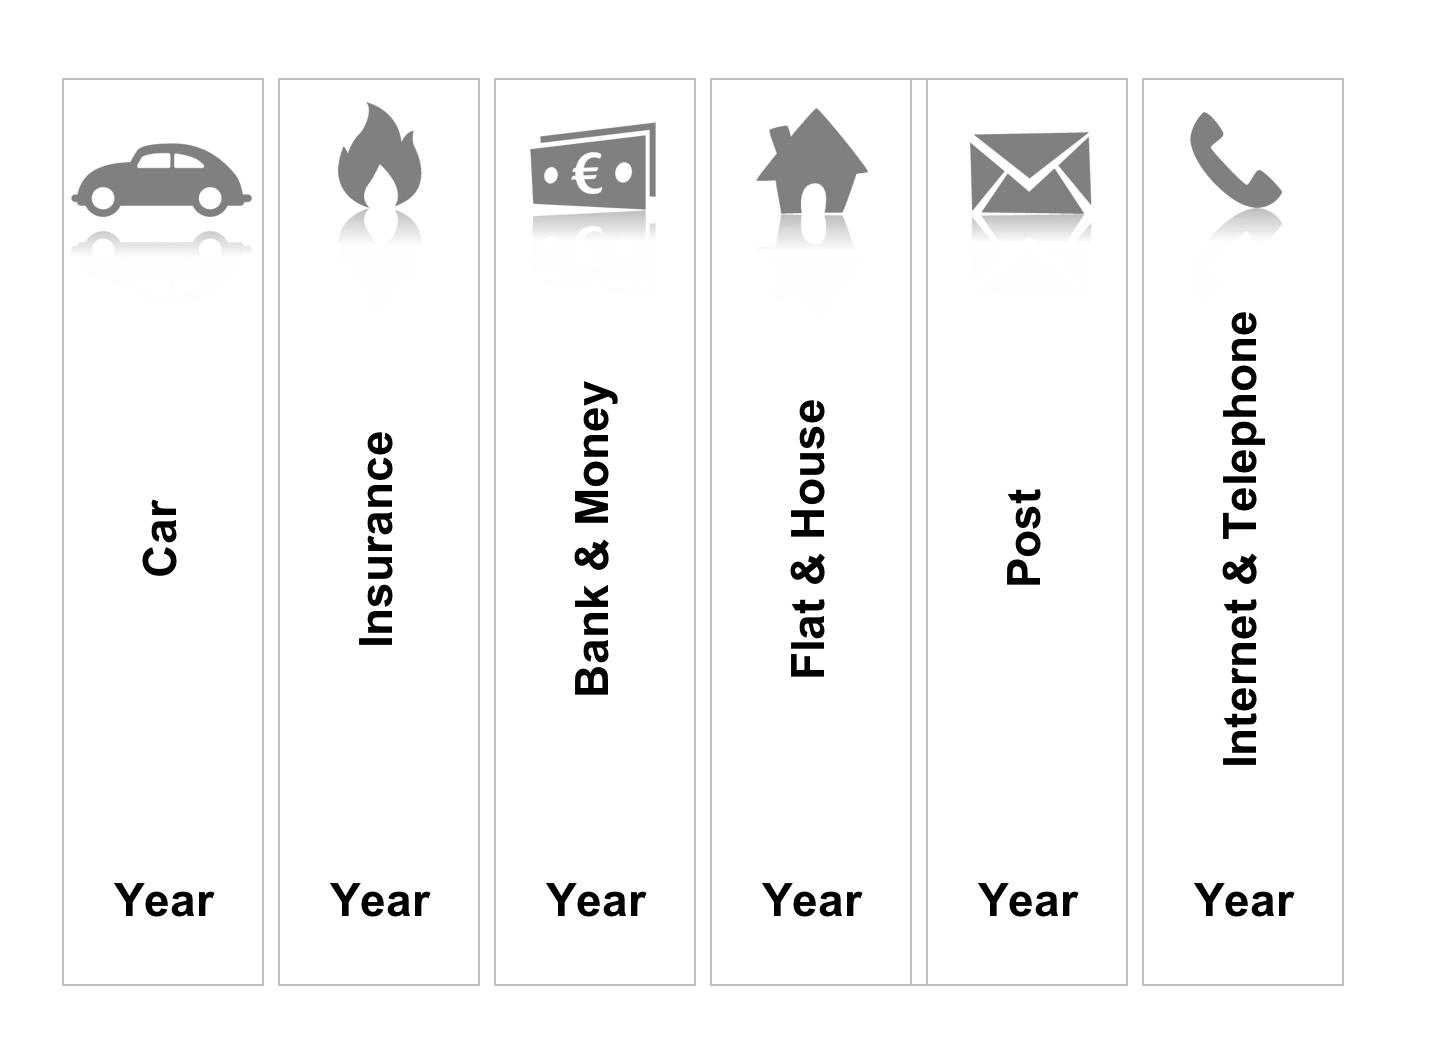 slender label for folders with excel